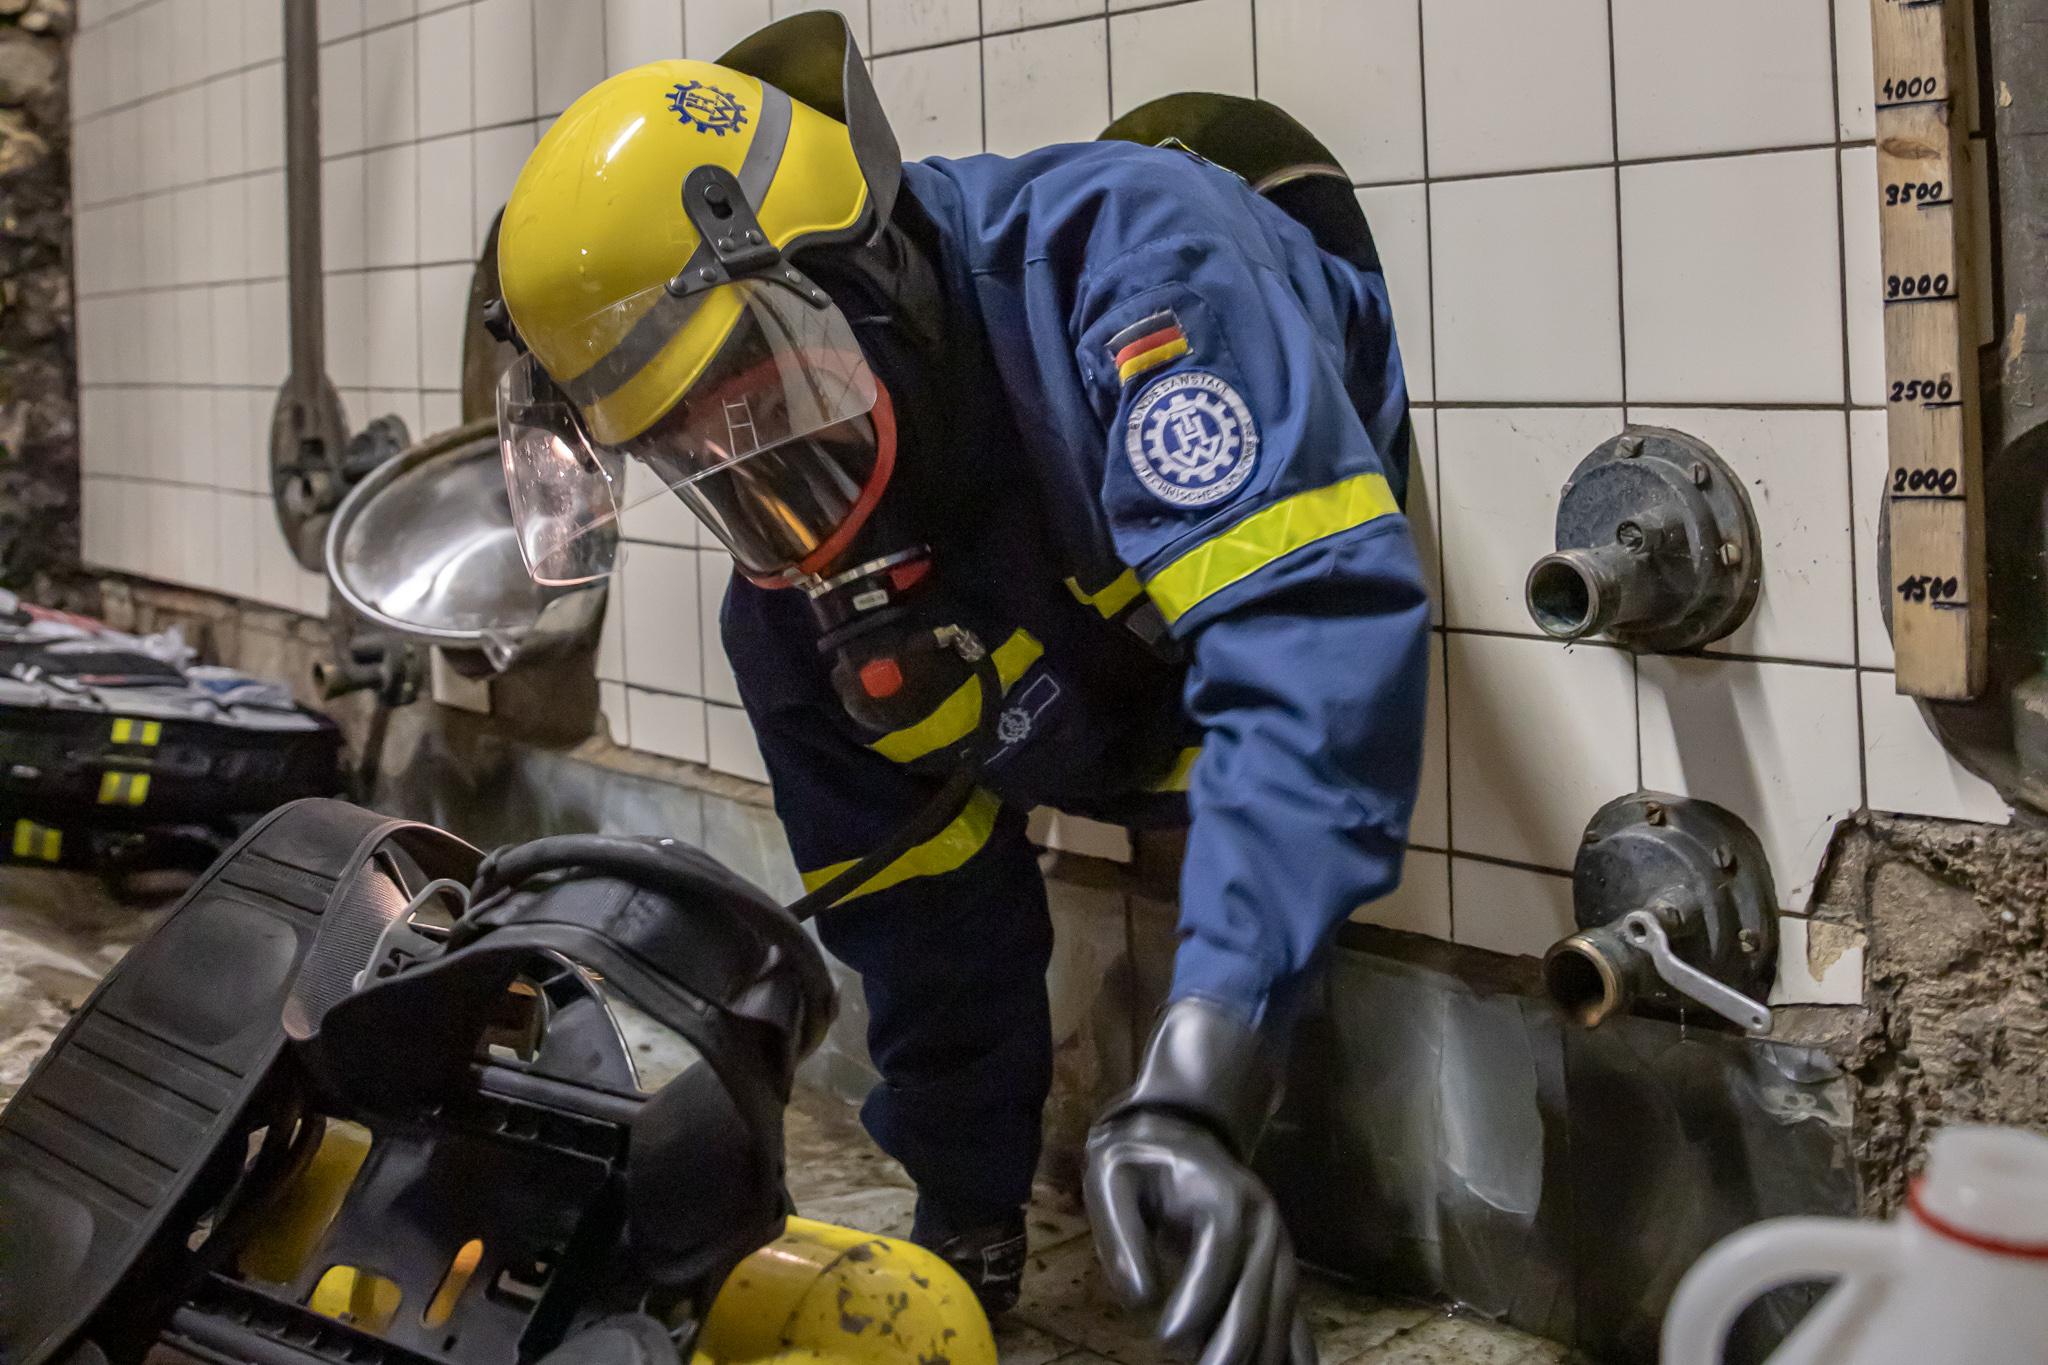 FeuerwehrSim 2019 Weinkeller-10